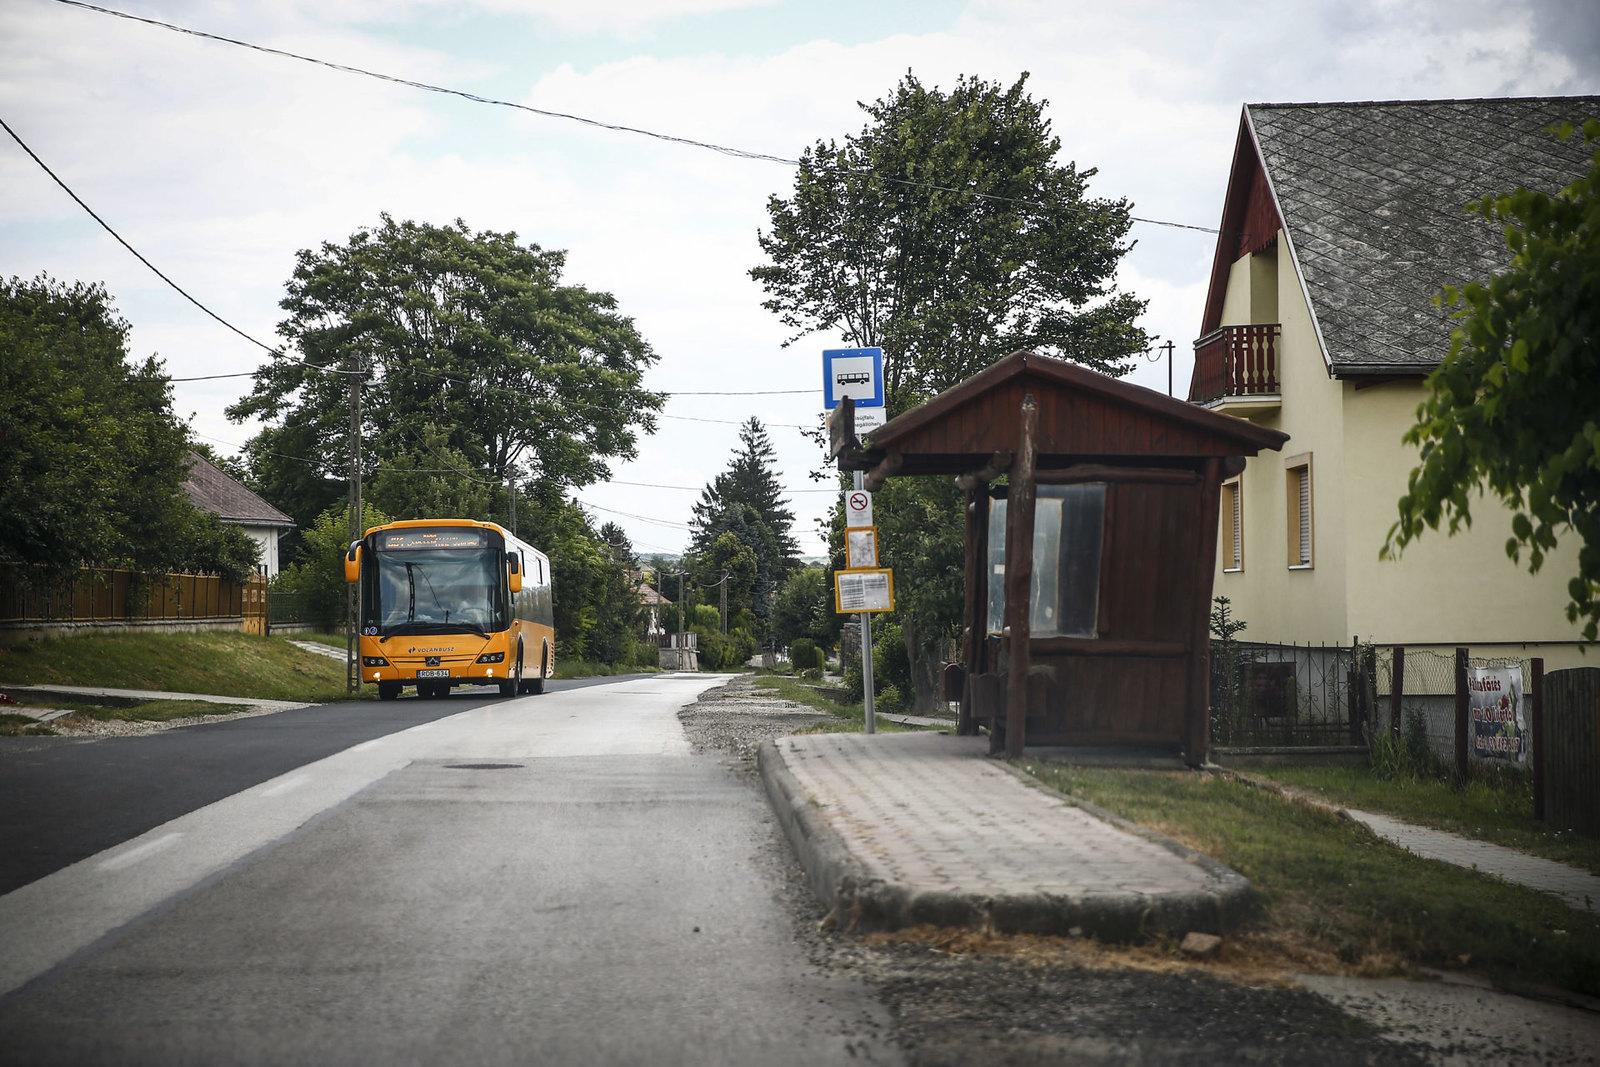 Megszűnik a Budapest-Szeged-Szabadka buszjárat